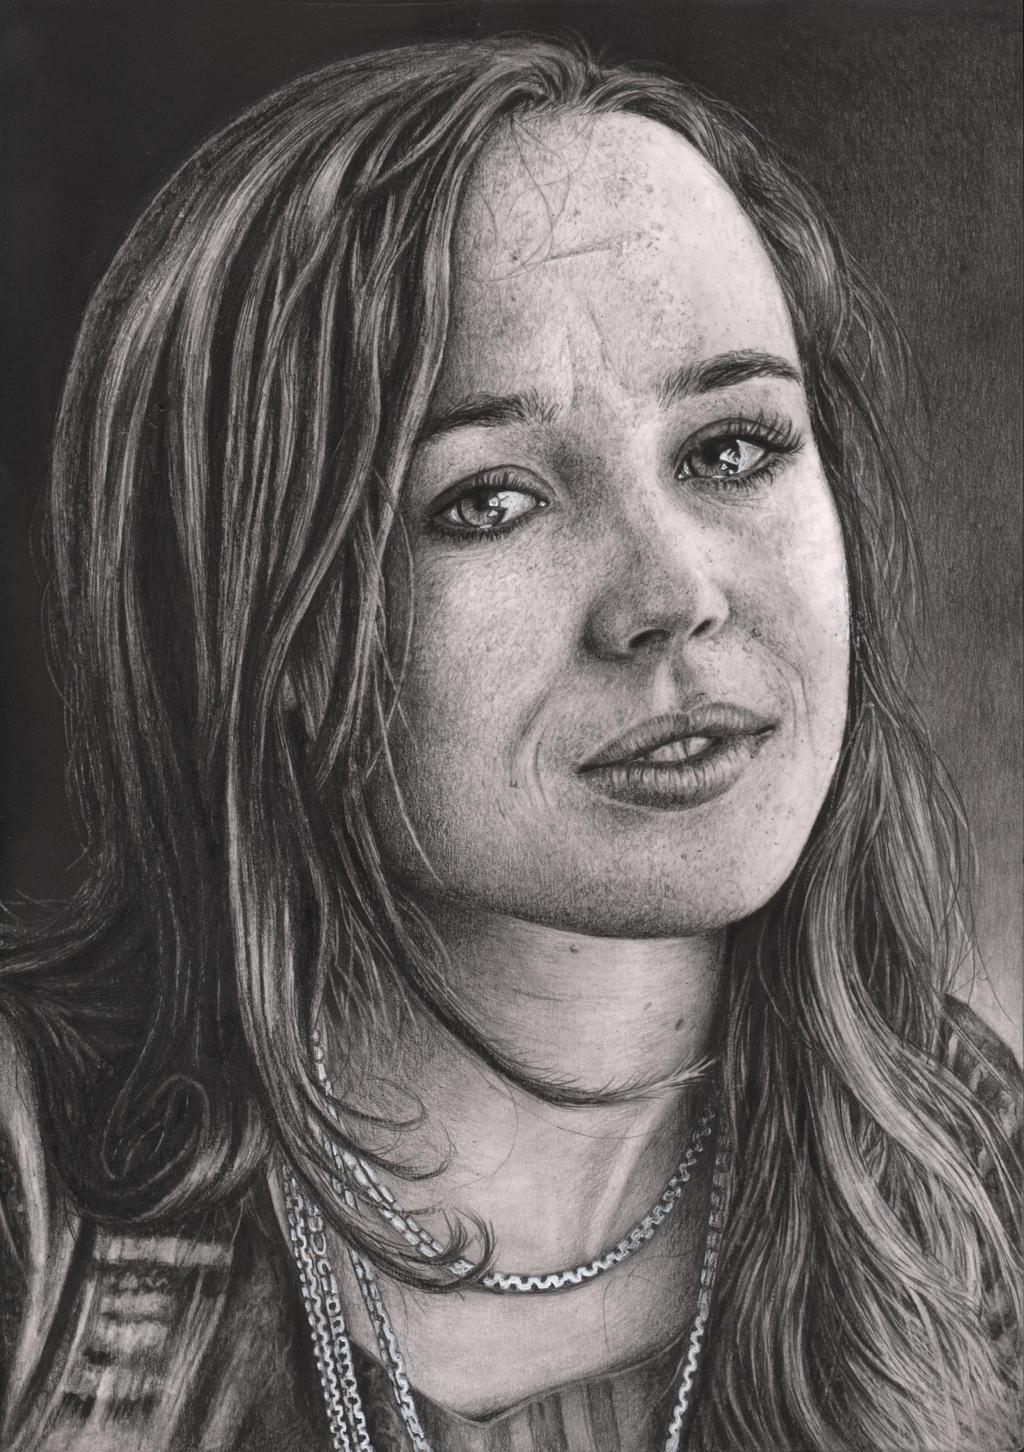 'Ellen Page' graphite portrait